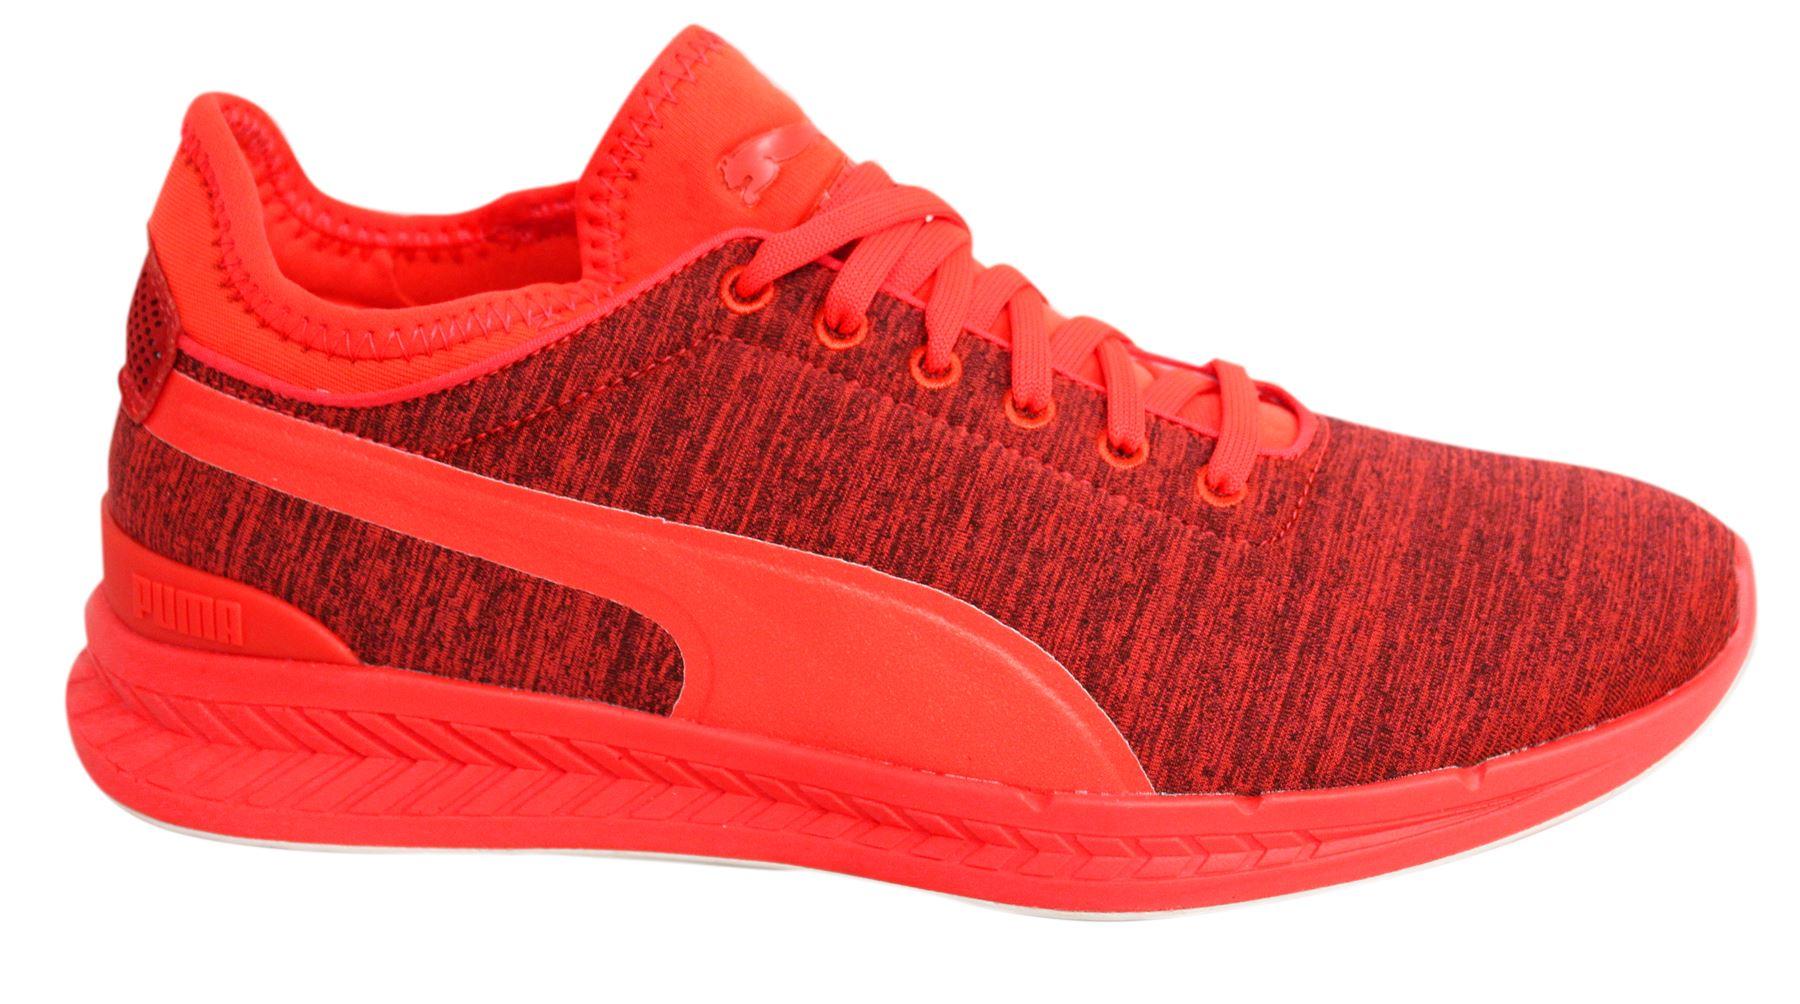 Puma IGNITE Sock Jersey Con Lacci Rosso Blast Scarpe da Ginnastica da Uomo Tessile 362352 01 U98